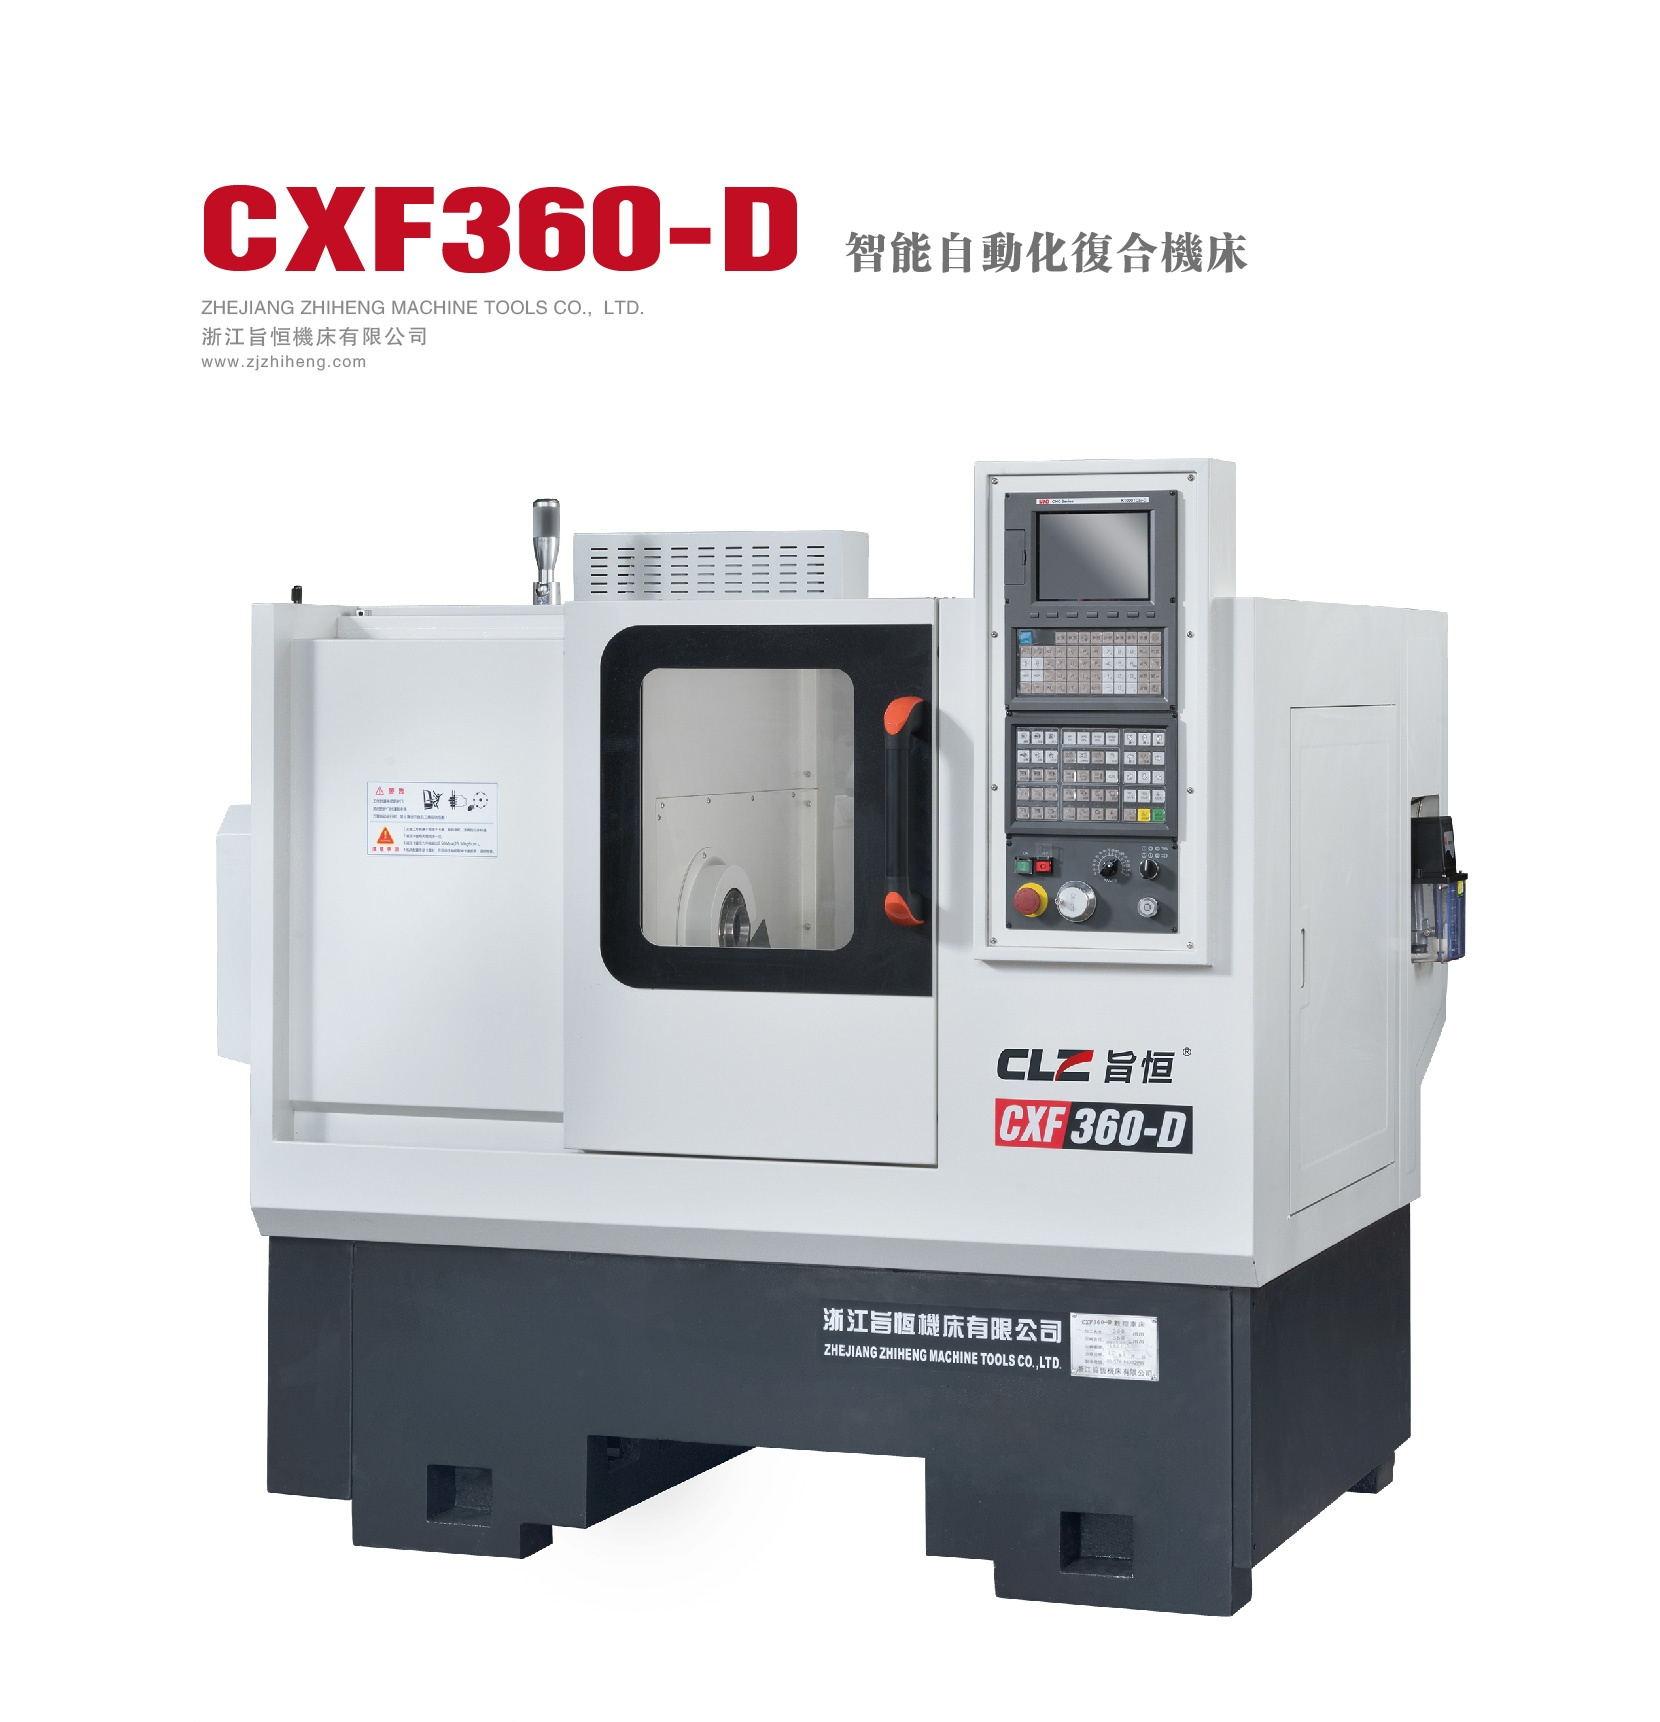 供应电主轴车铣复合机床厂家直销 数控机床CXF360-D 电主轴车铣复合36型数控车床价格